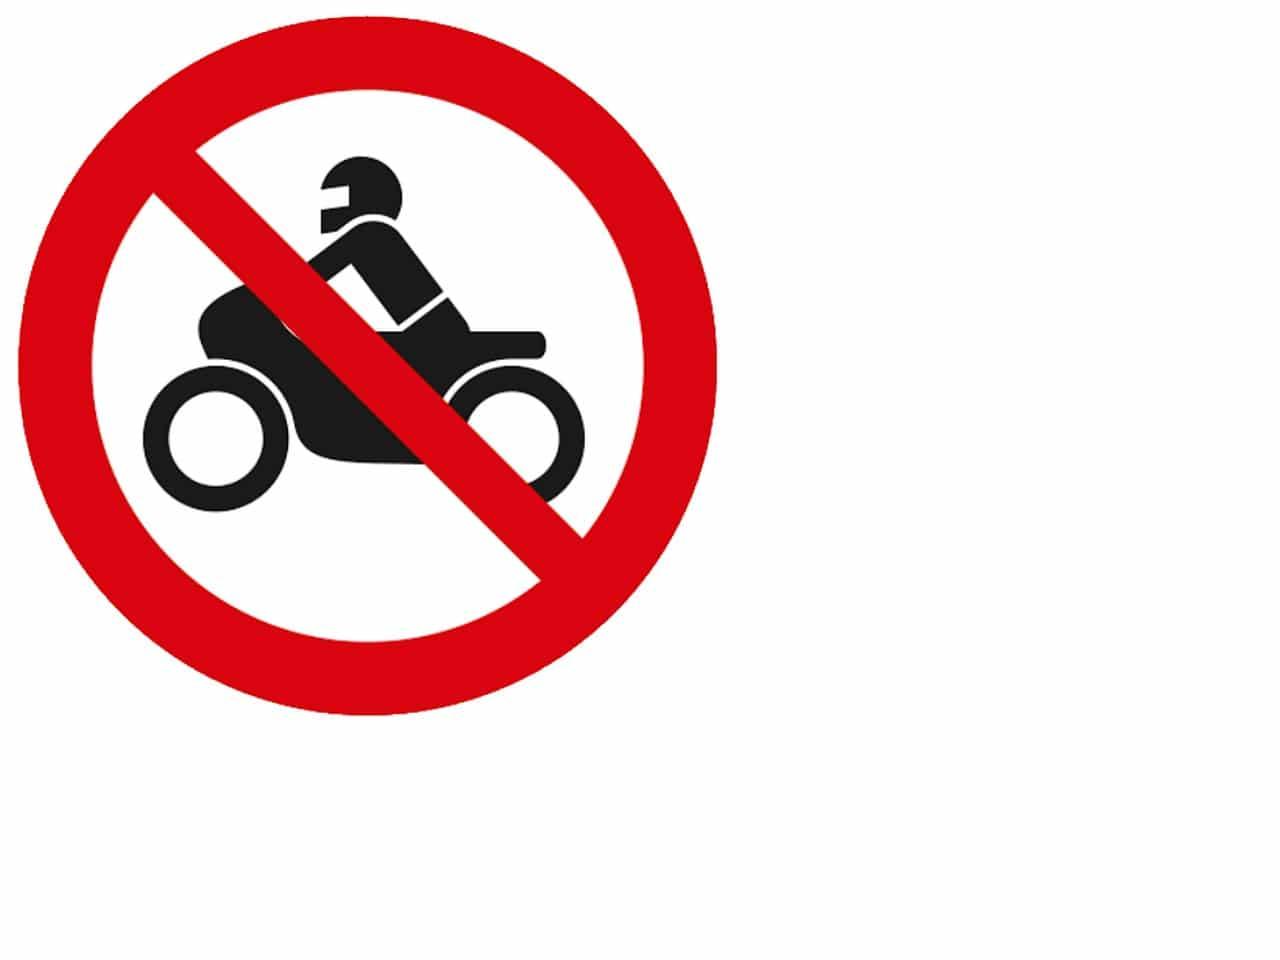 Motorrad verboten